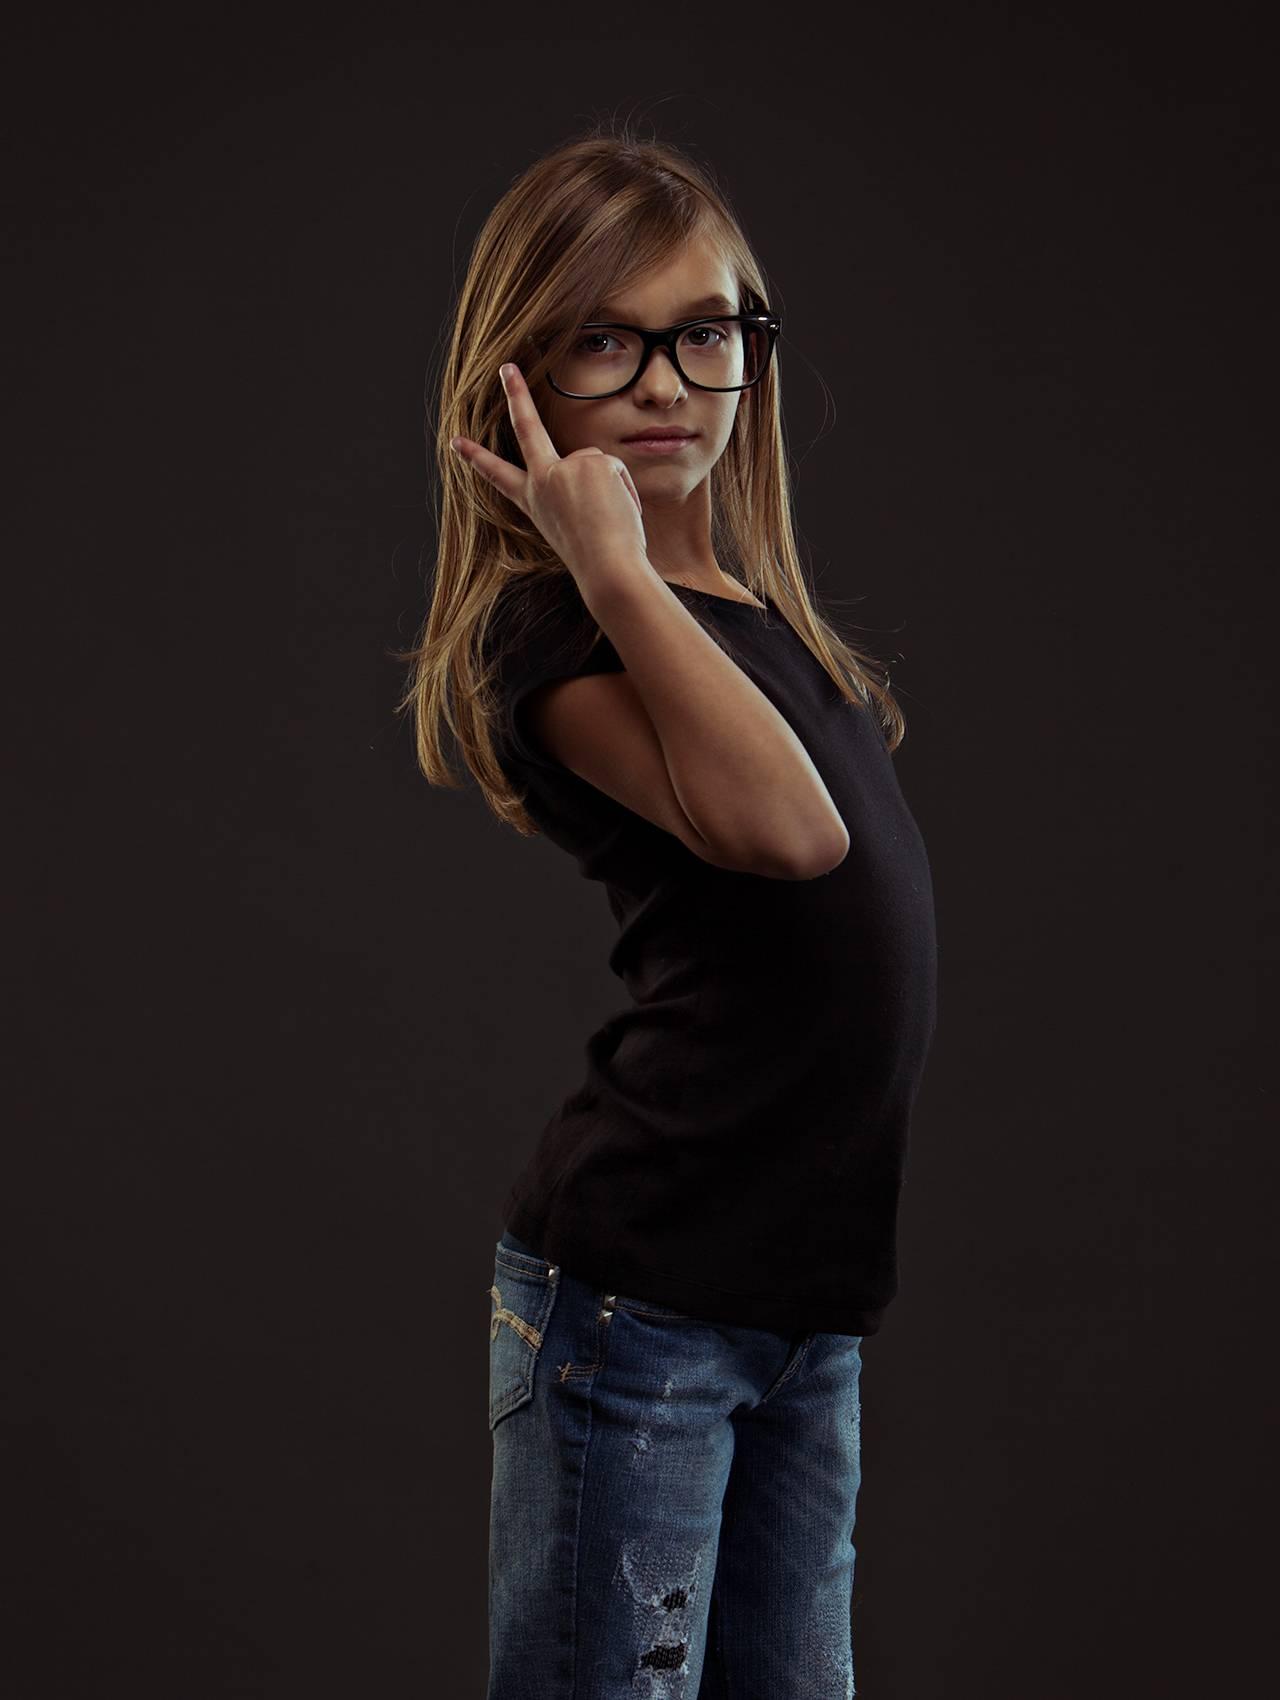 specs1.jpg